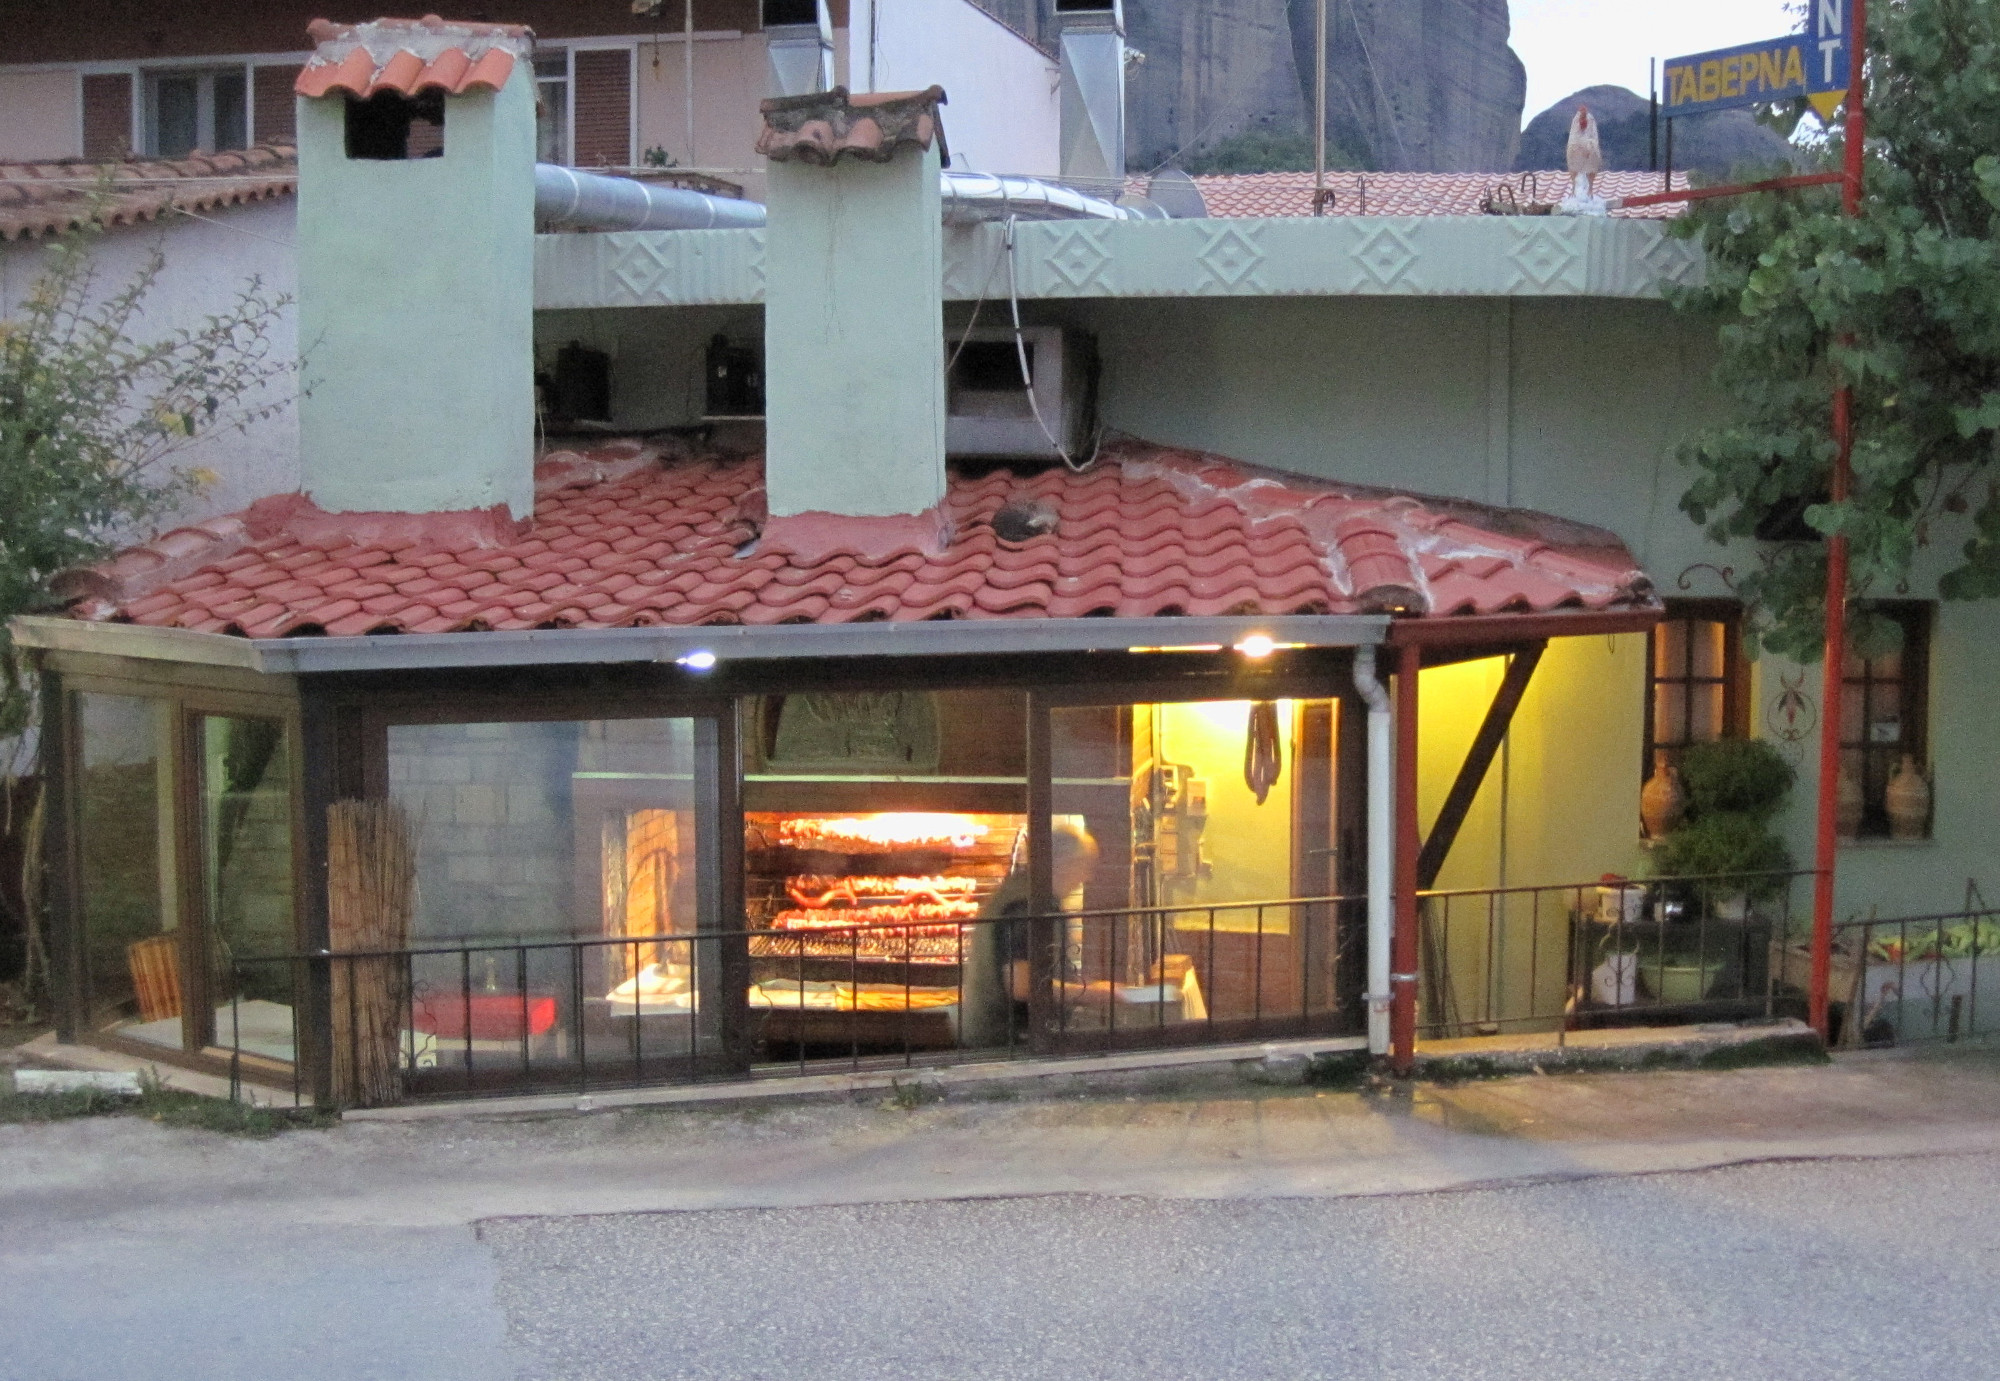 Grill a kedvenc éttermünkben: Meteo Restaurant (Doupianifels-től kb. 200 m-re)